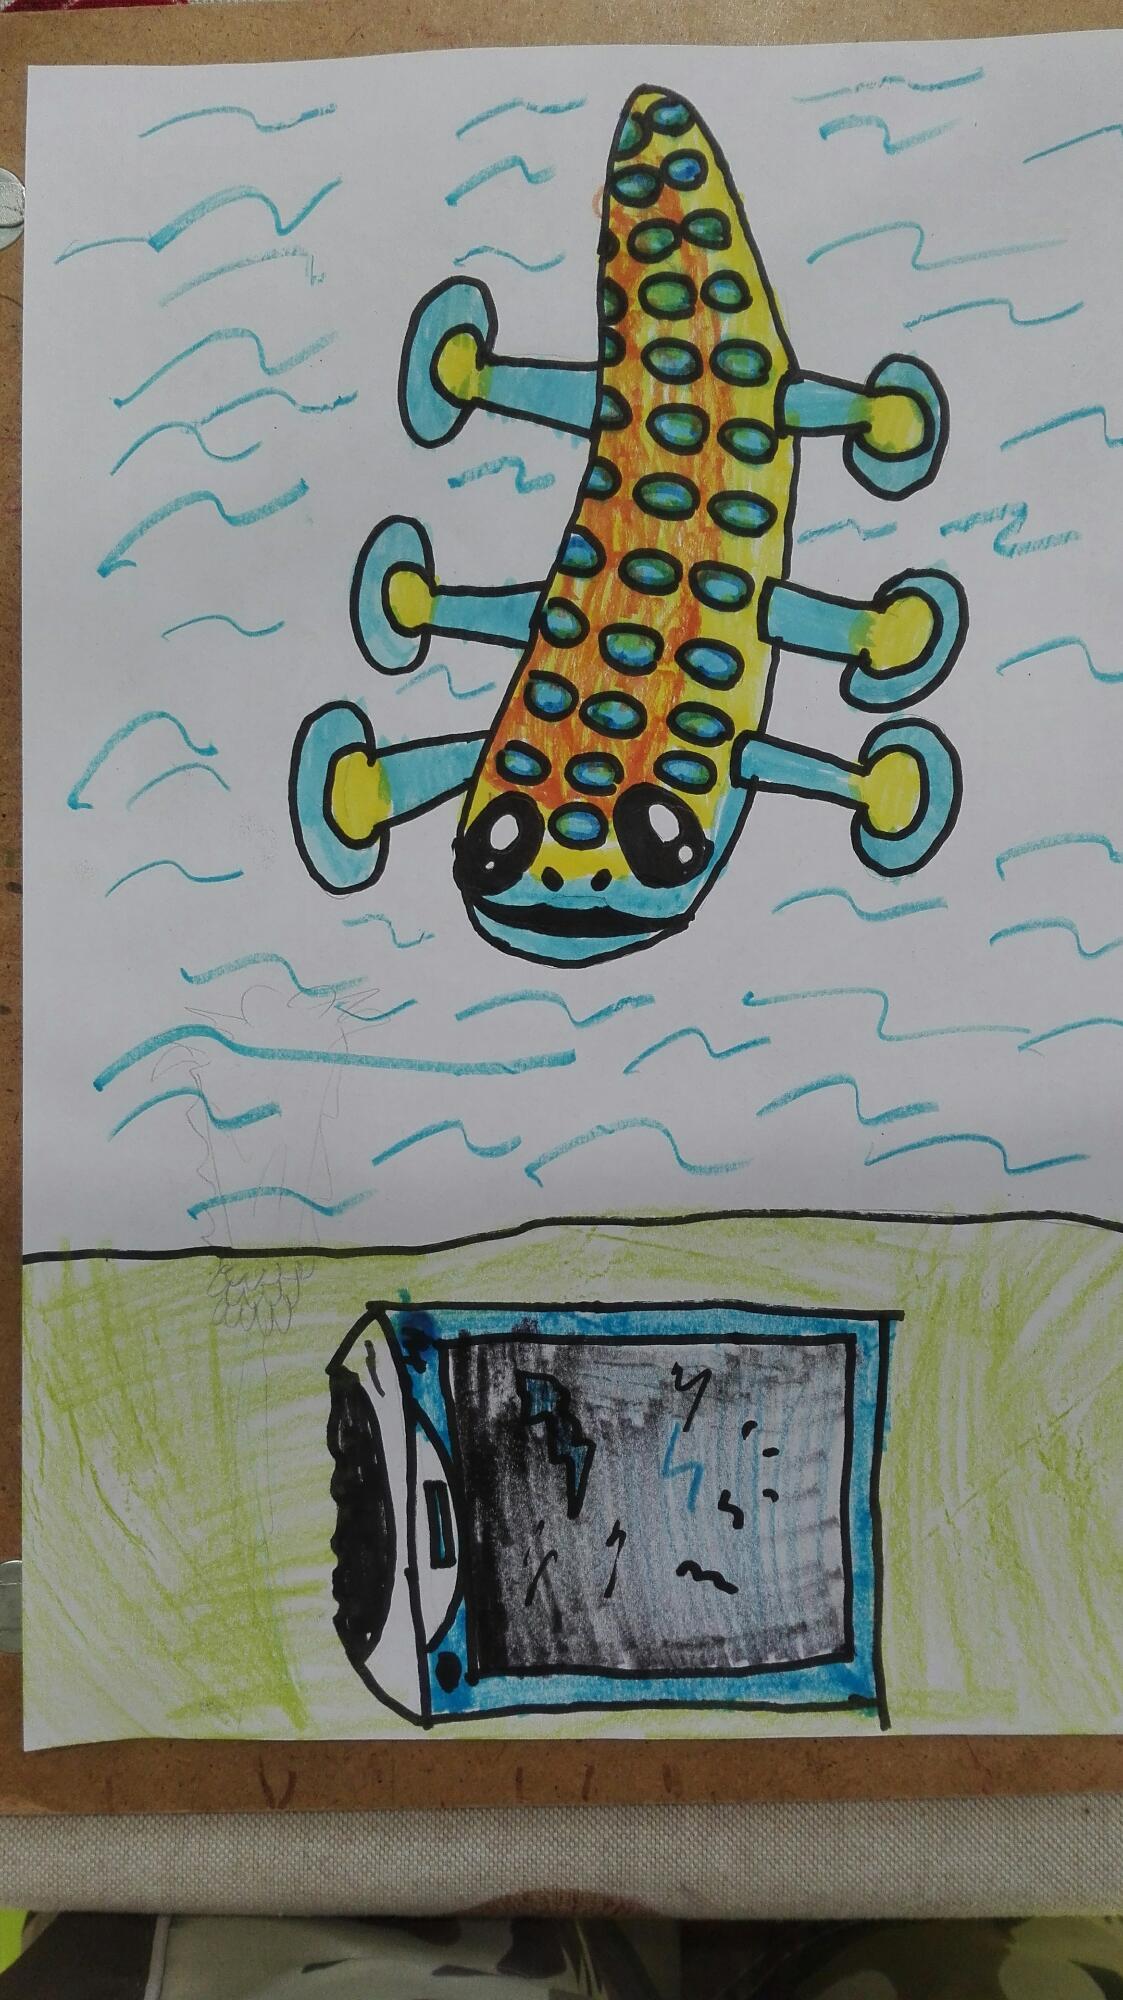 My hoverfish fanart